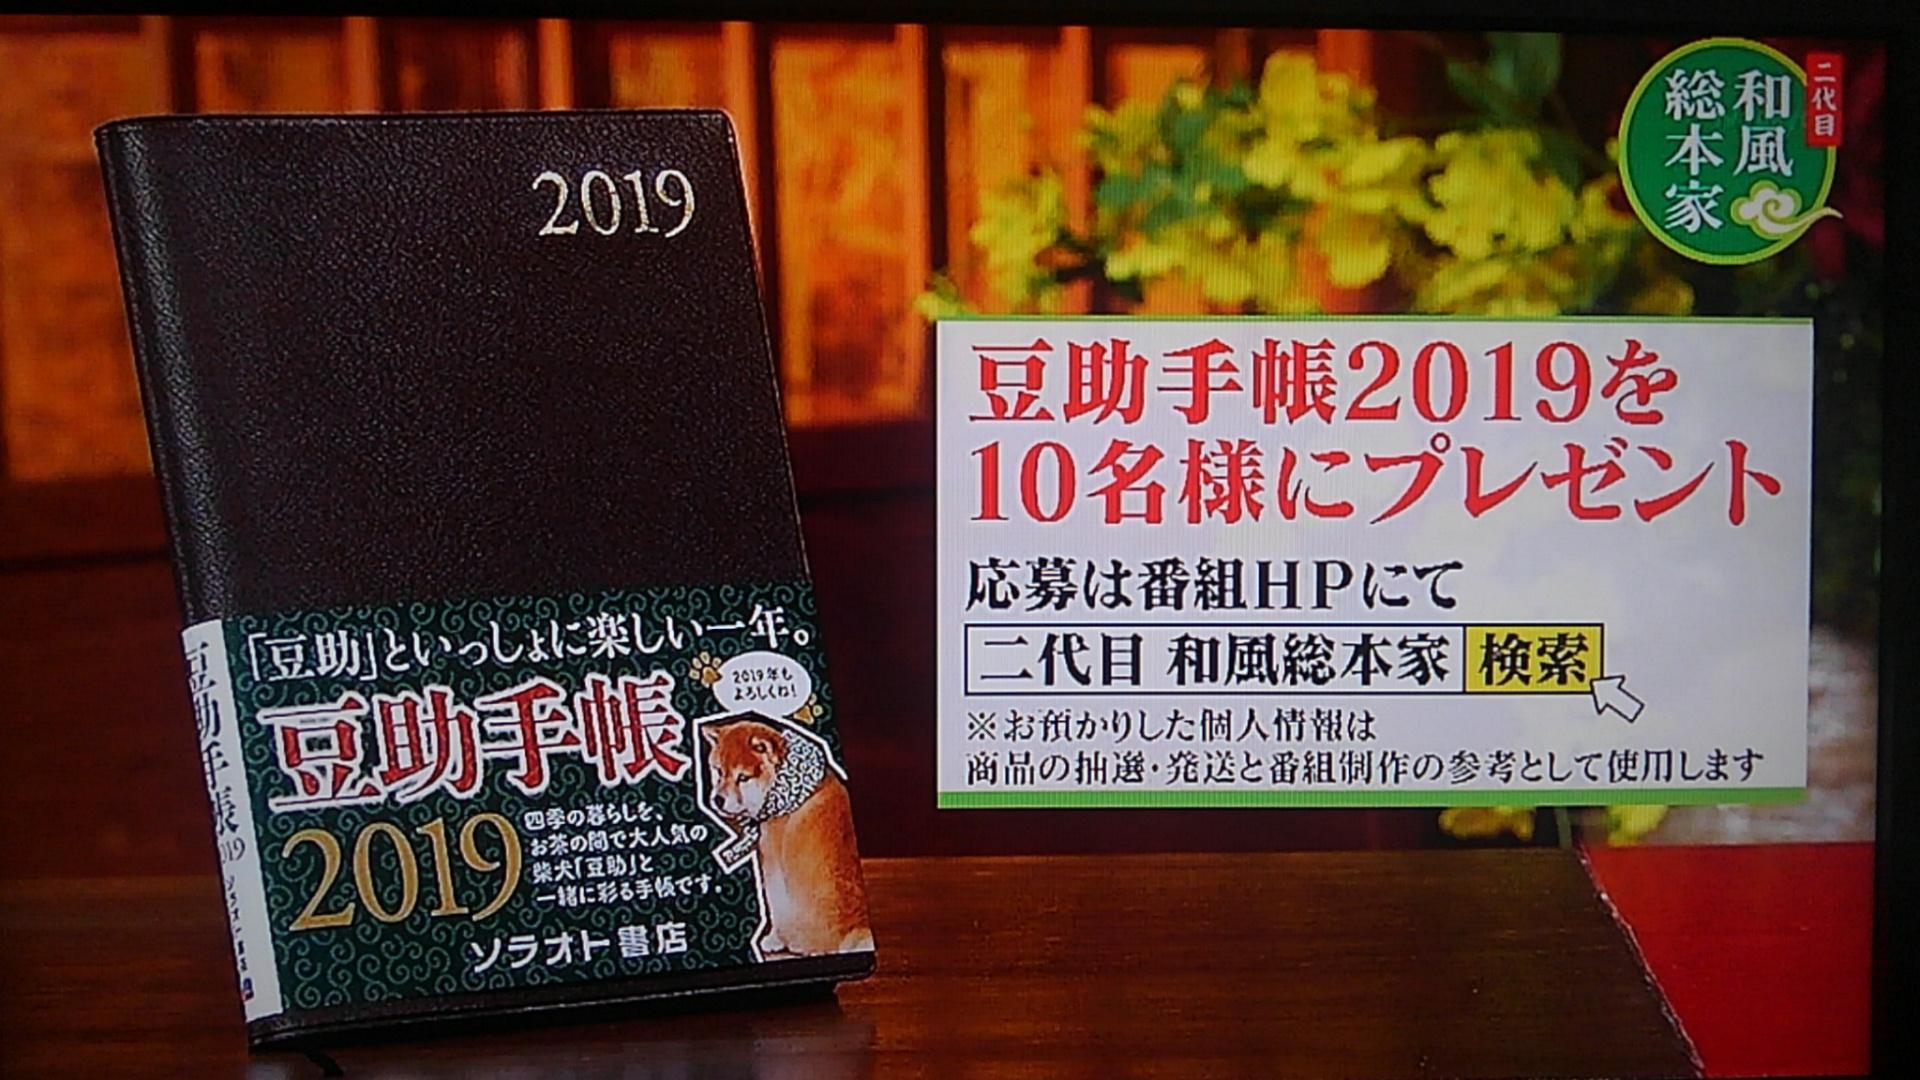 豆助手帳 2019 編集日記 二代目 和風総本家 で紹介されました